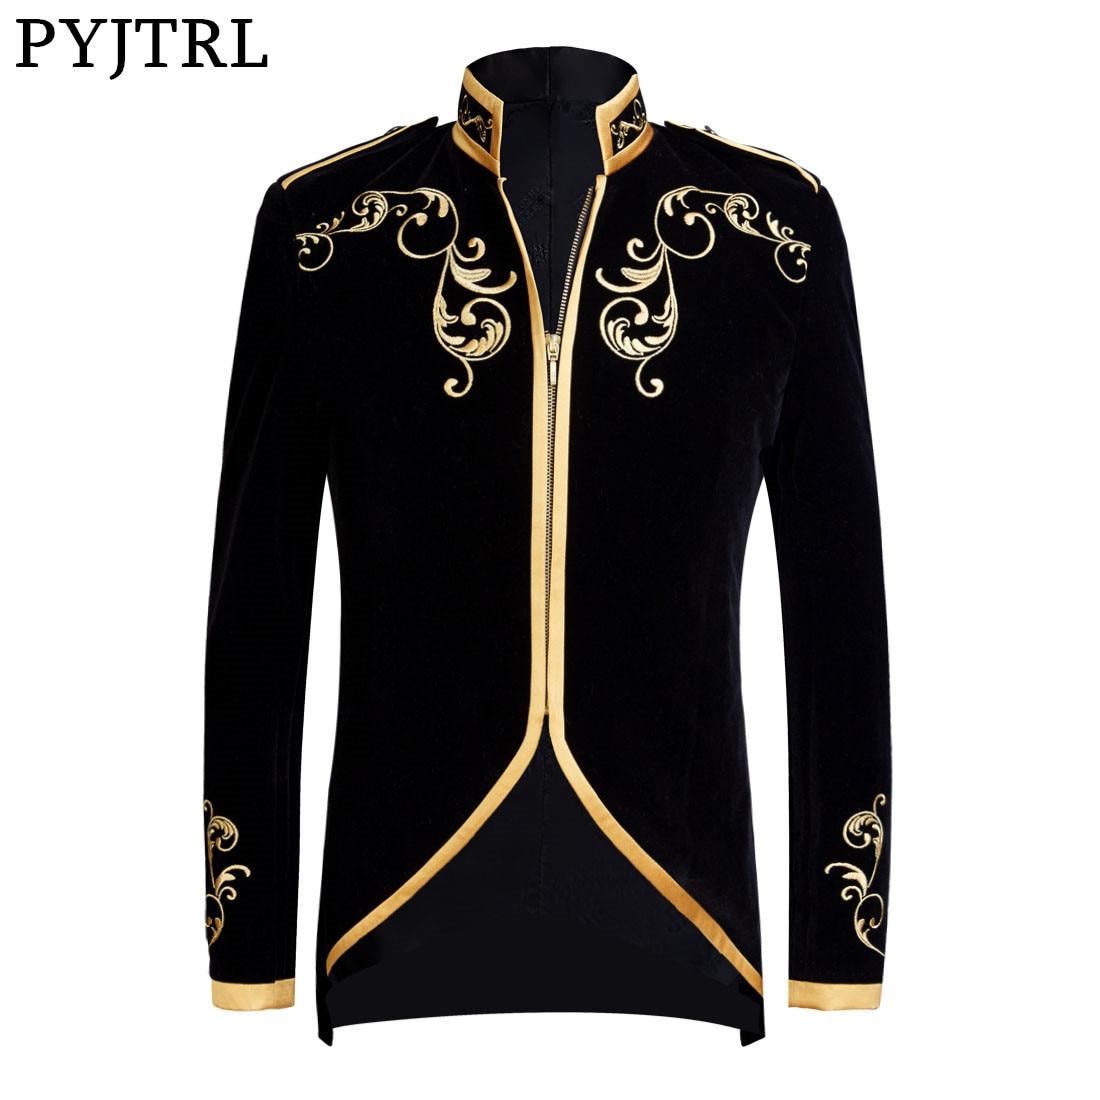 PYJTRL британский стиль дворец принц модные черные бархатные золотые блейзер в полоску с вышивкой Свадебные Жених Стройный пиджак певцы пальт...